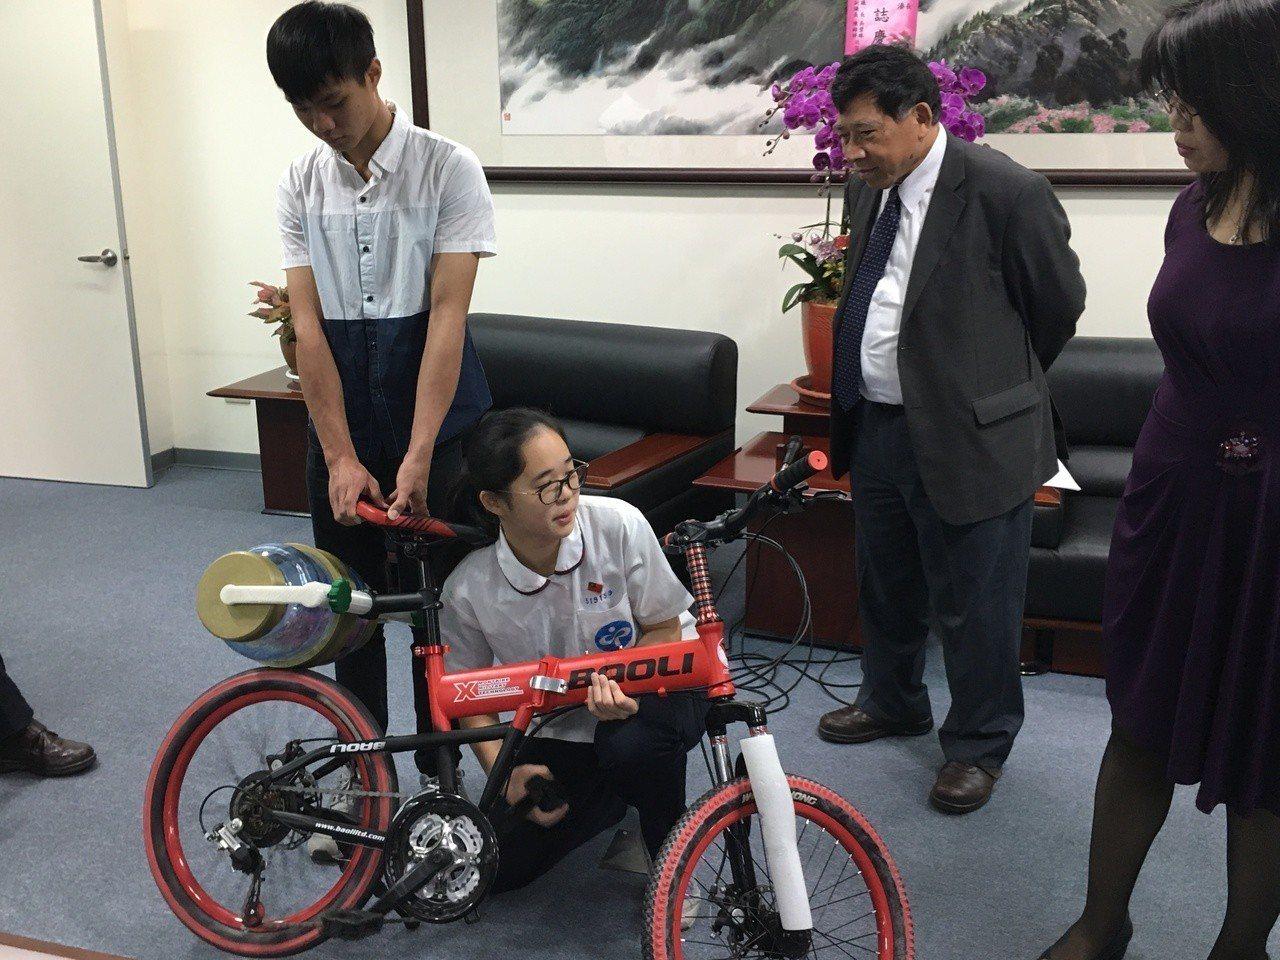 暨大附中簡詩婷同學親自操作自行車滾桶洗衣設備。記者張家樂/攝影